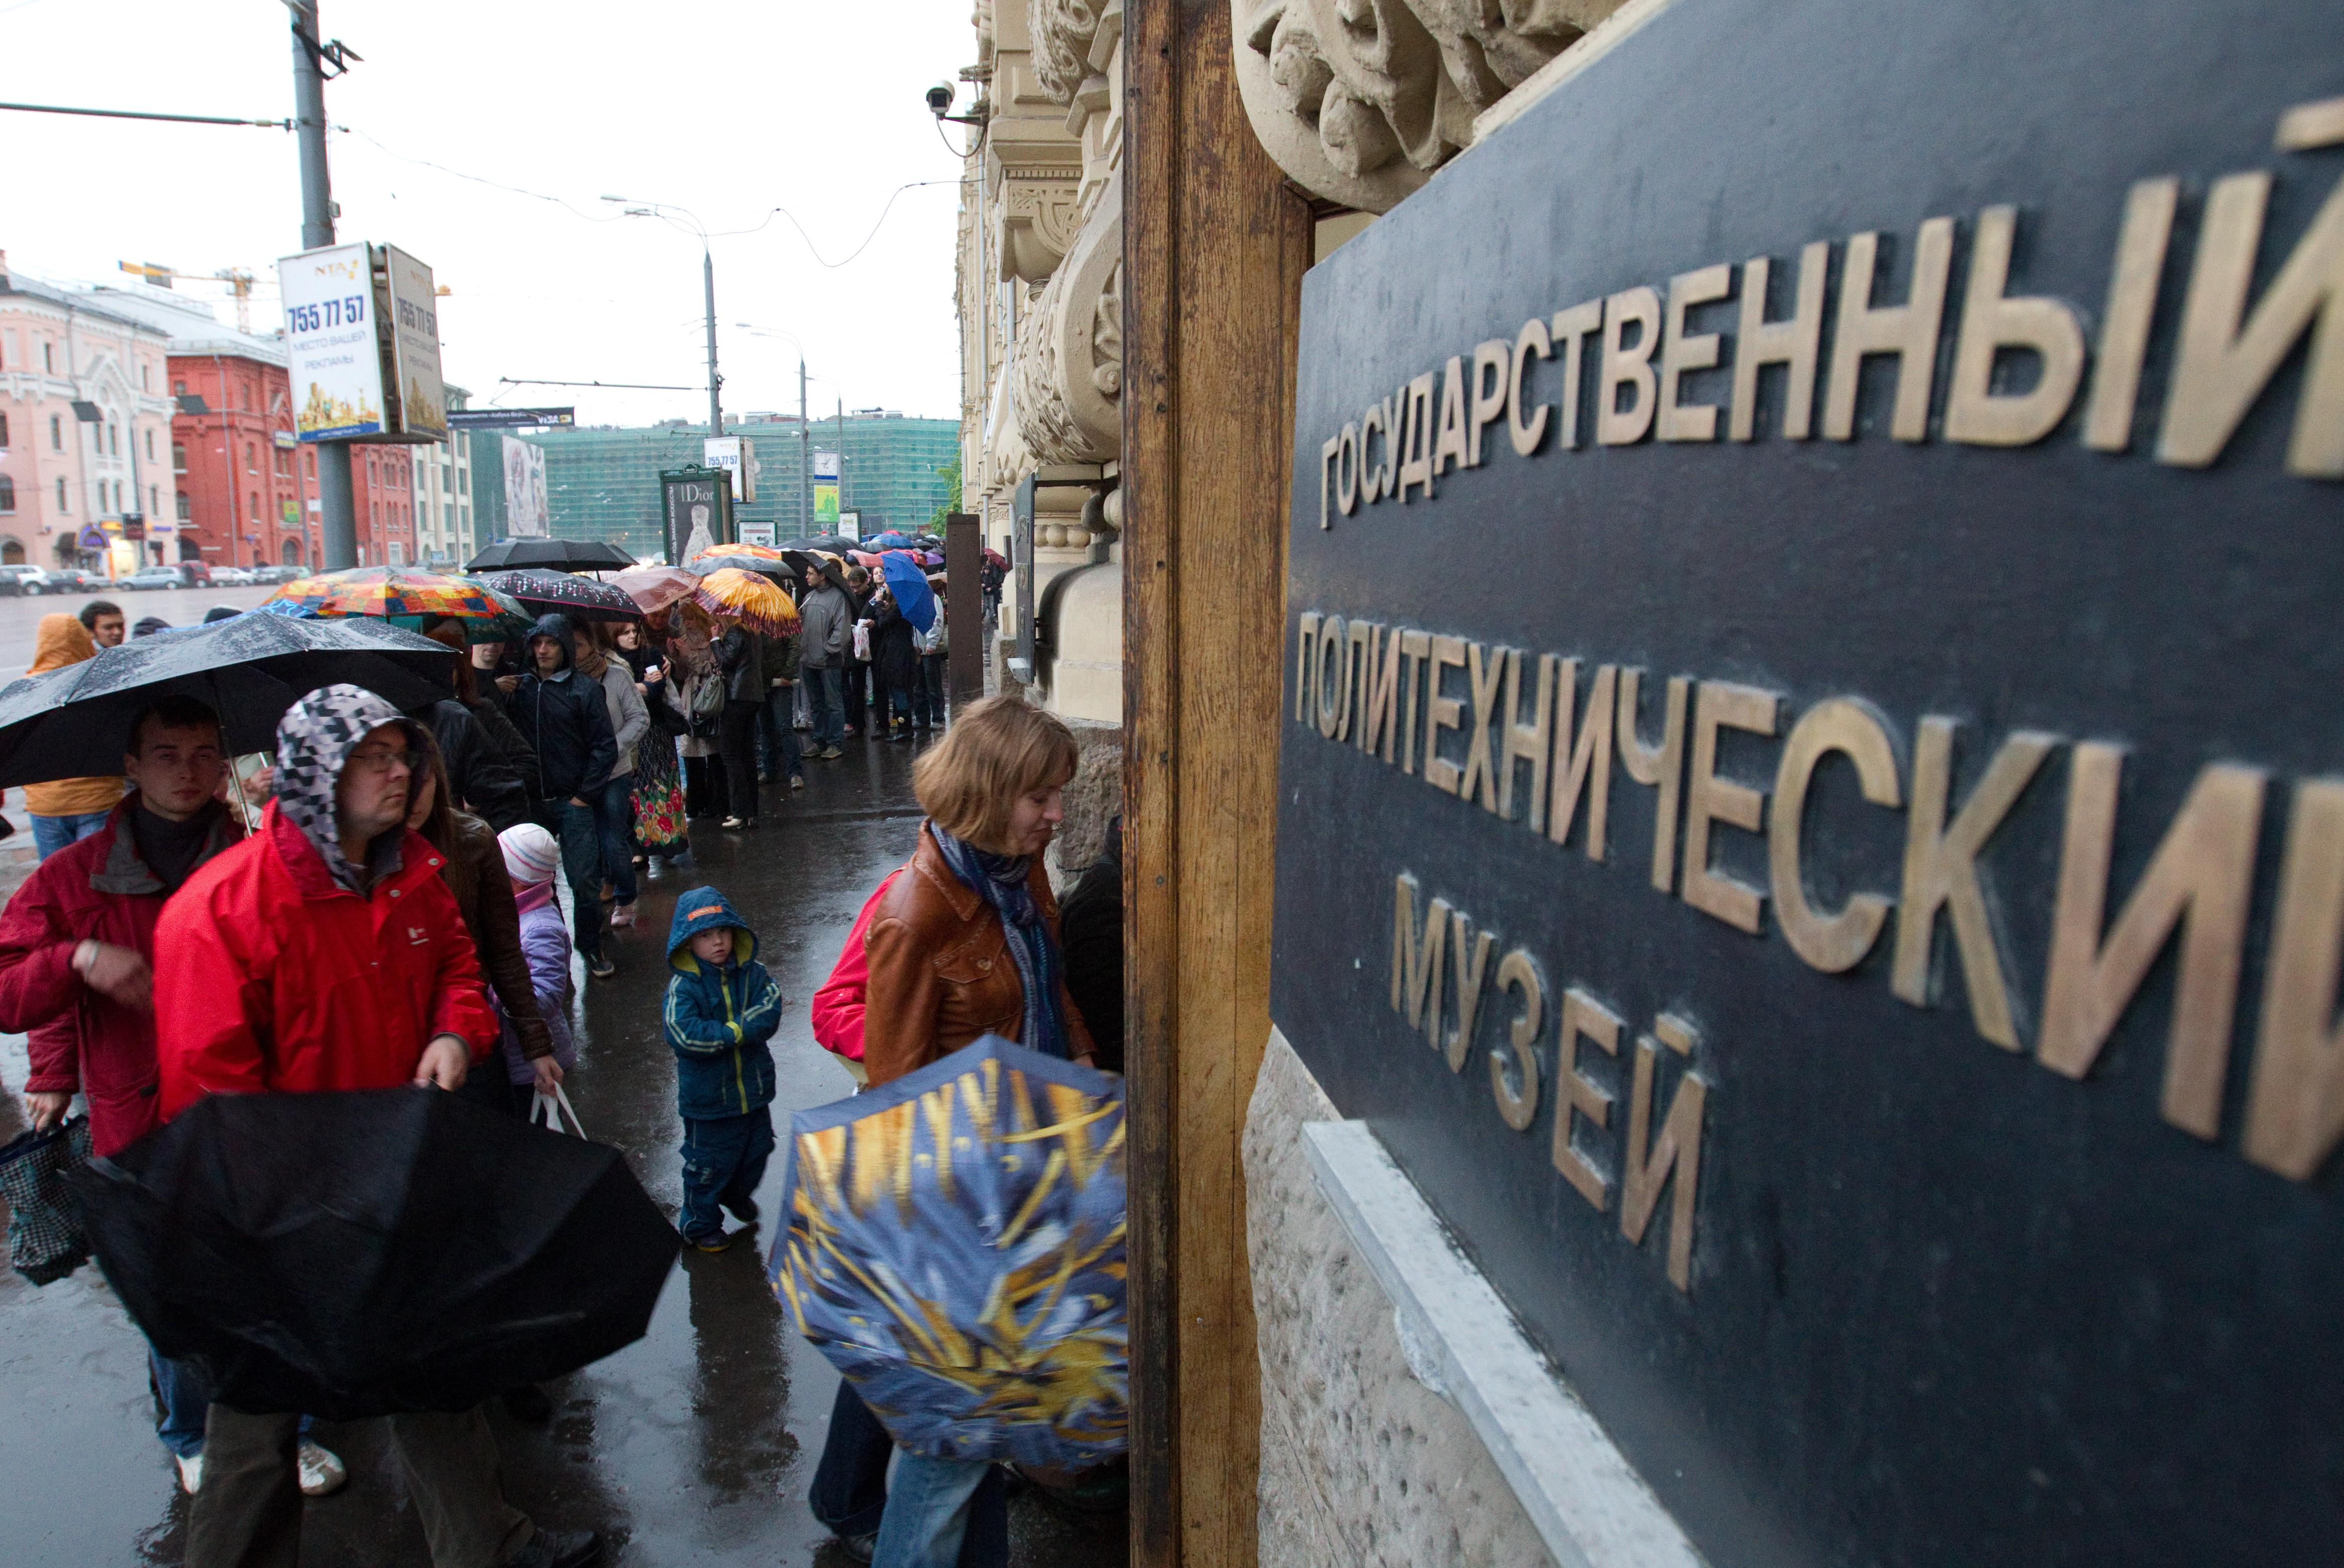 Посетители Политехнического музея. Музей до реконструкции. Фото ©РИА Новости / Илья Питалев